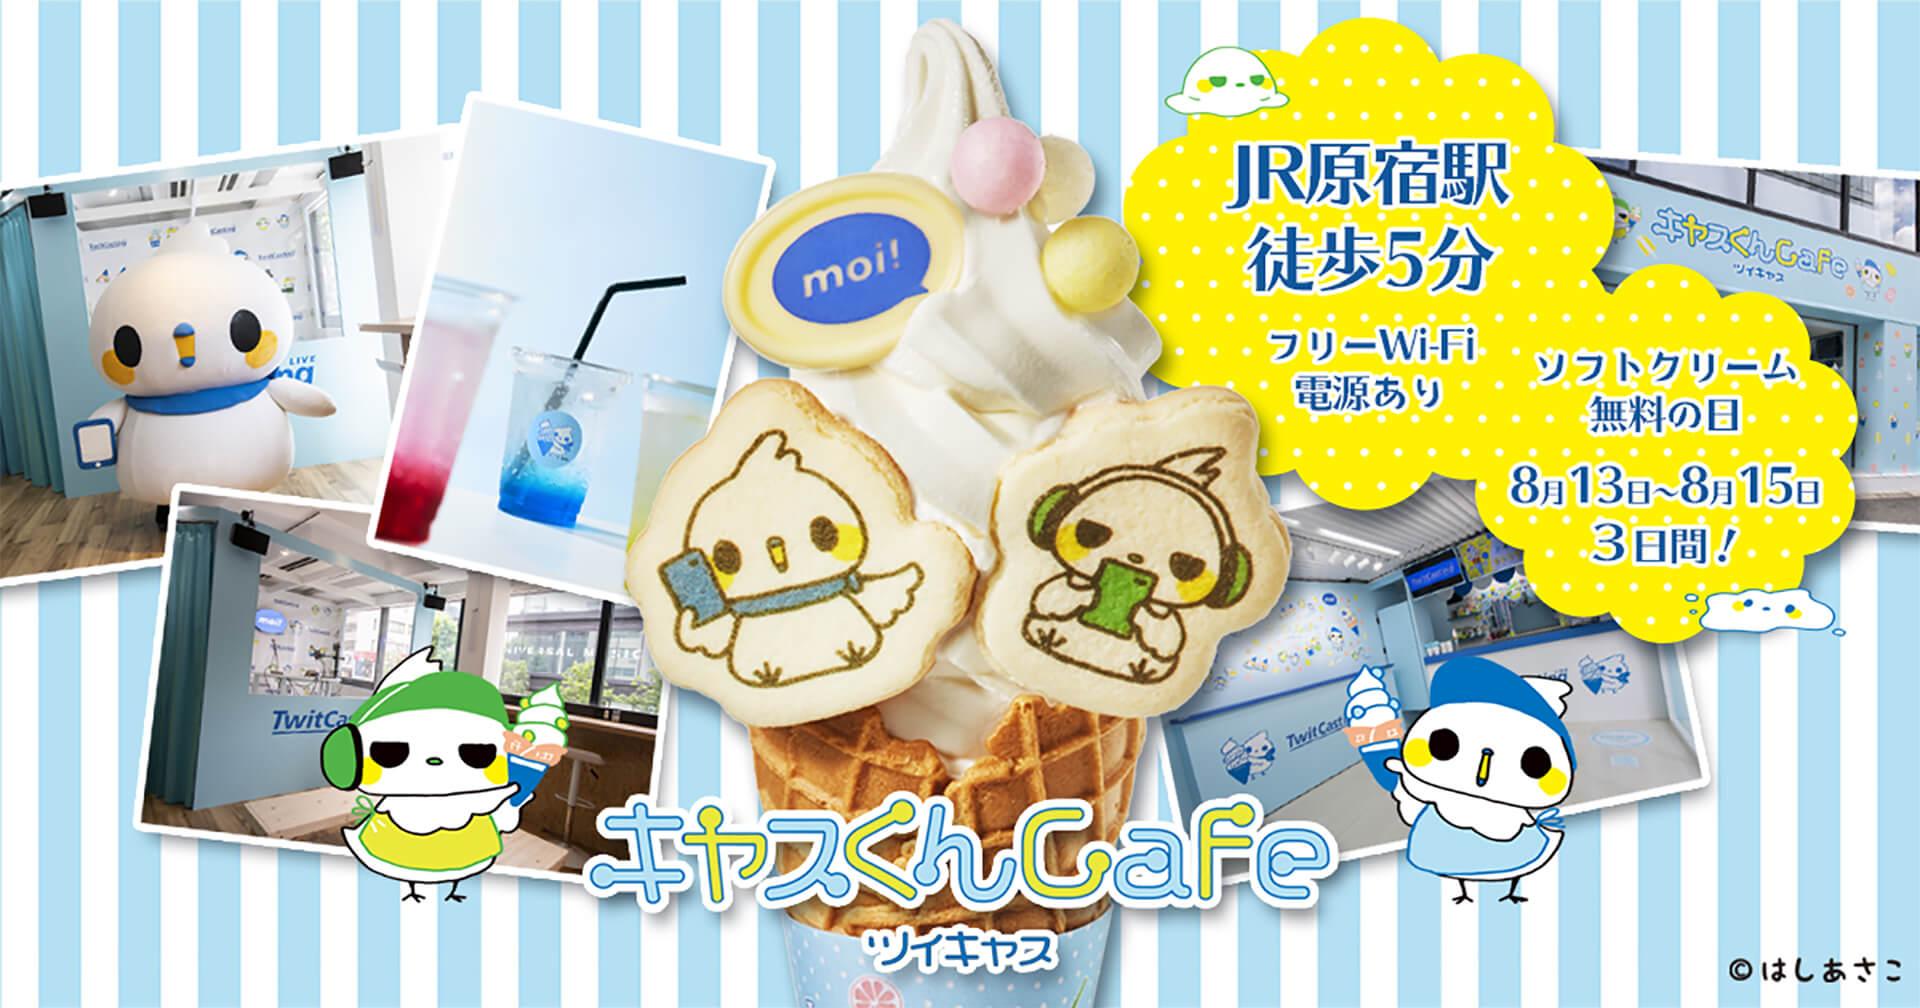 ツイキャス「#ソフトクリーム無料の日」の告知バーナー。キャラの写真と無料ソフトクリームで構成されています